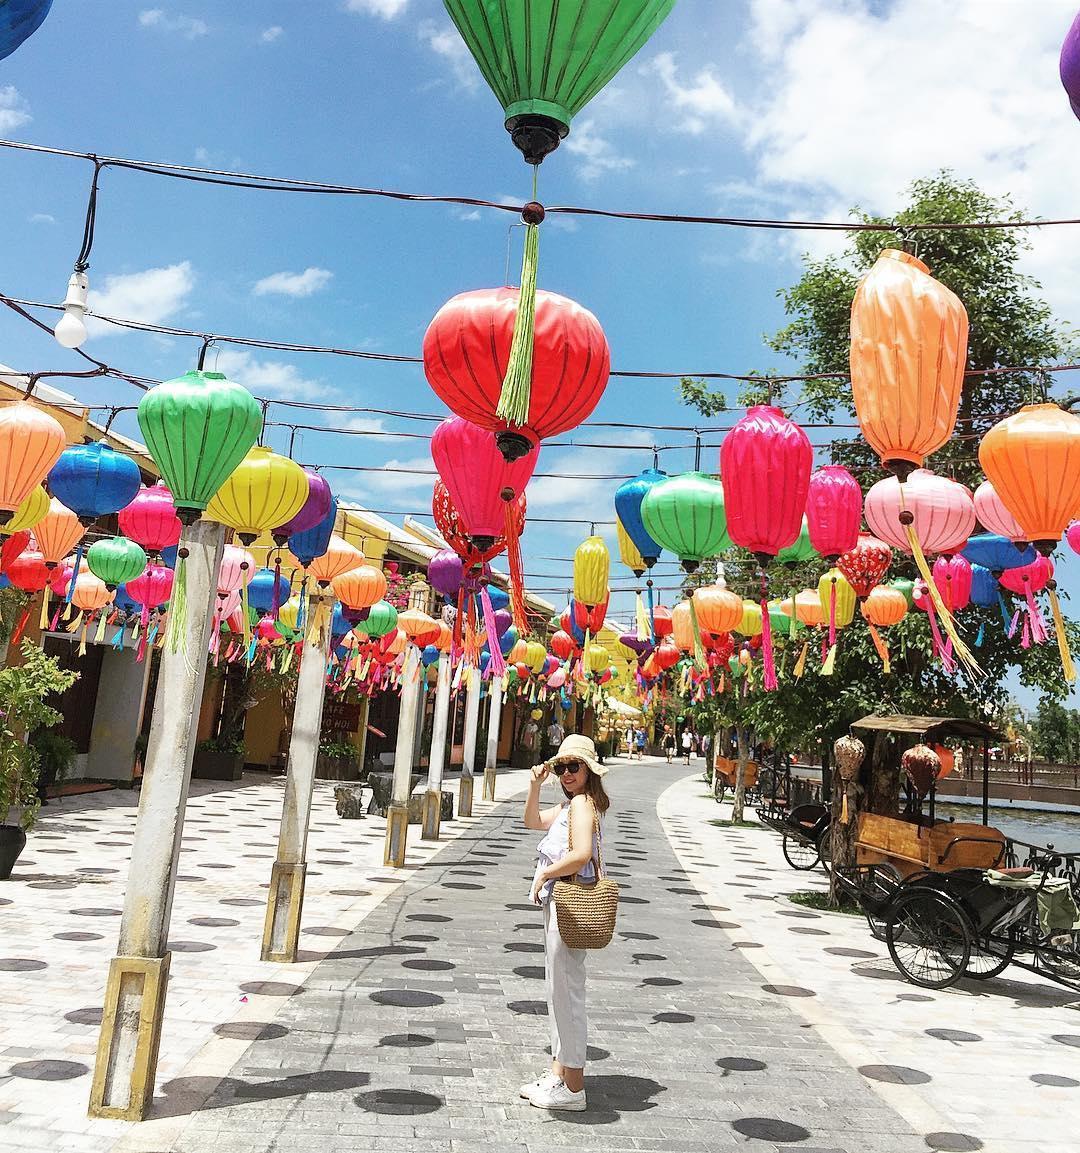 Bộ ảnh Phú Quốc - Hội An - Hạ Long tuyệt đẹp dưới góc nhìn của người đam mê xê dịch - Ảnh 18.